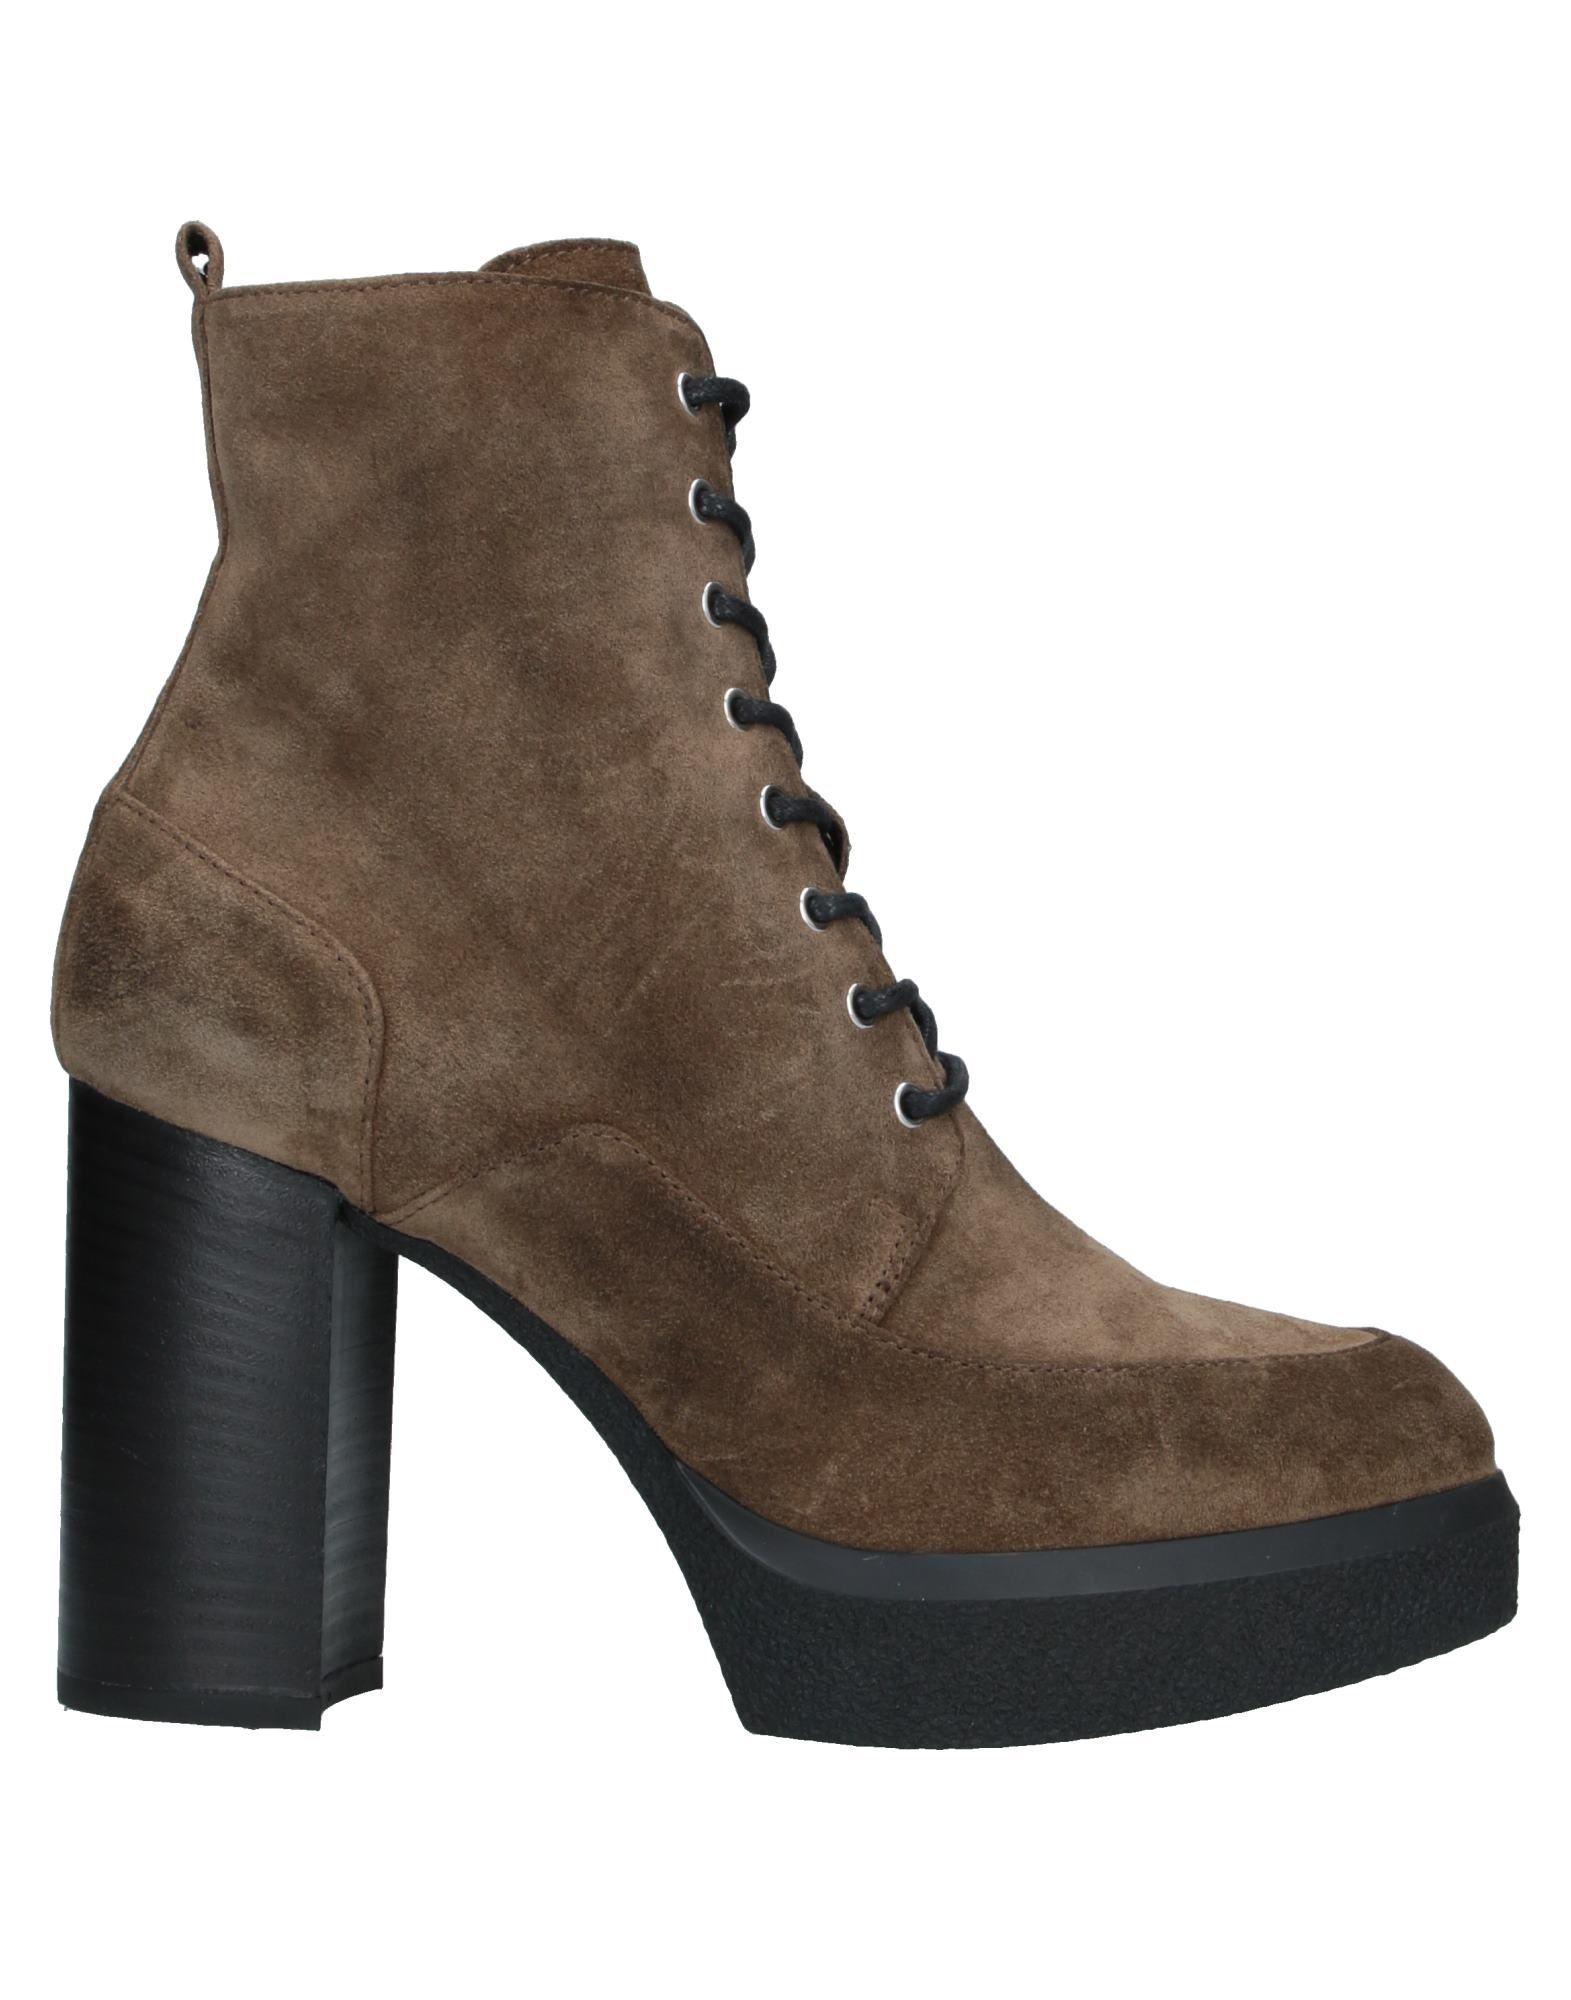 цены на JANET SPORT Полусапоги и высокие ботинки  в интернет-магазинах